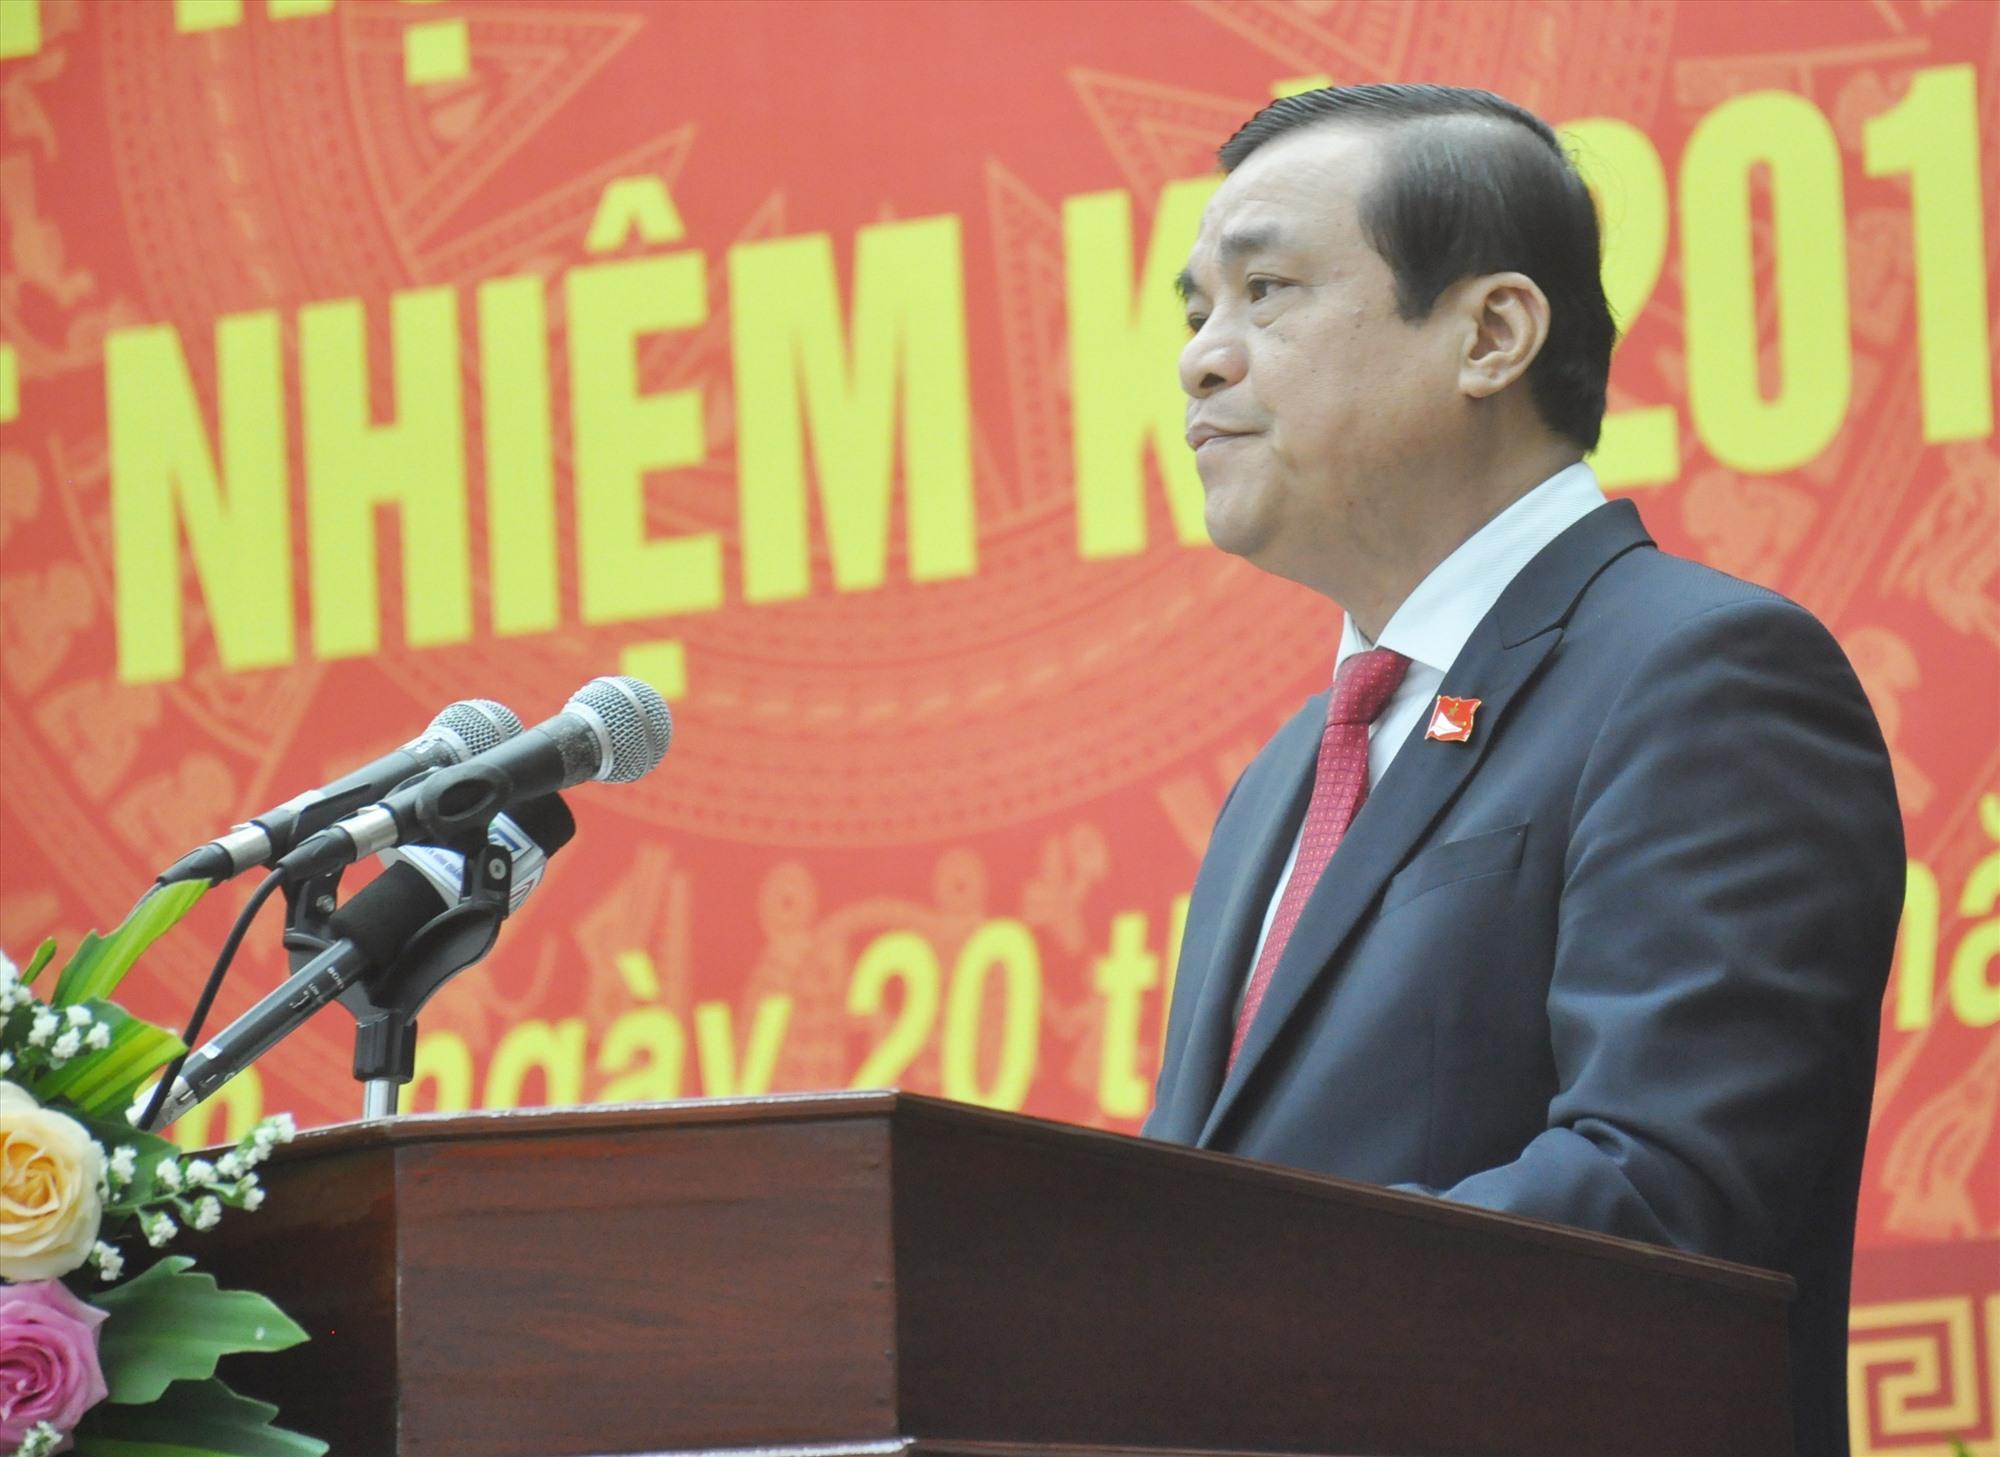 Bí thư Tỉnh ủy, Chủ tịch HĐND tỉnh Phan Việt Cường phát biểu diễn văn khai mạc Kỳ họp thứ 24. Ảnh: N.Đ